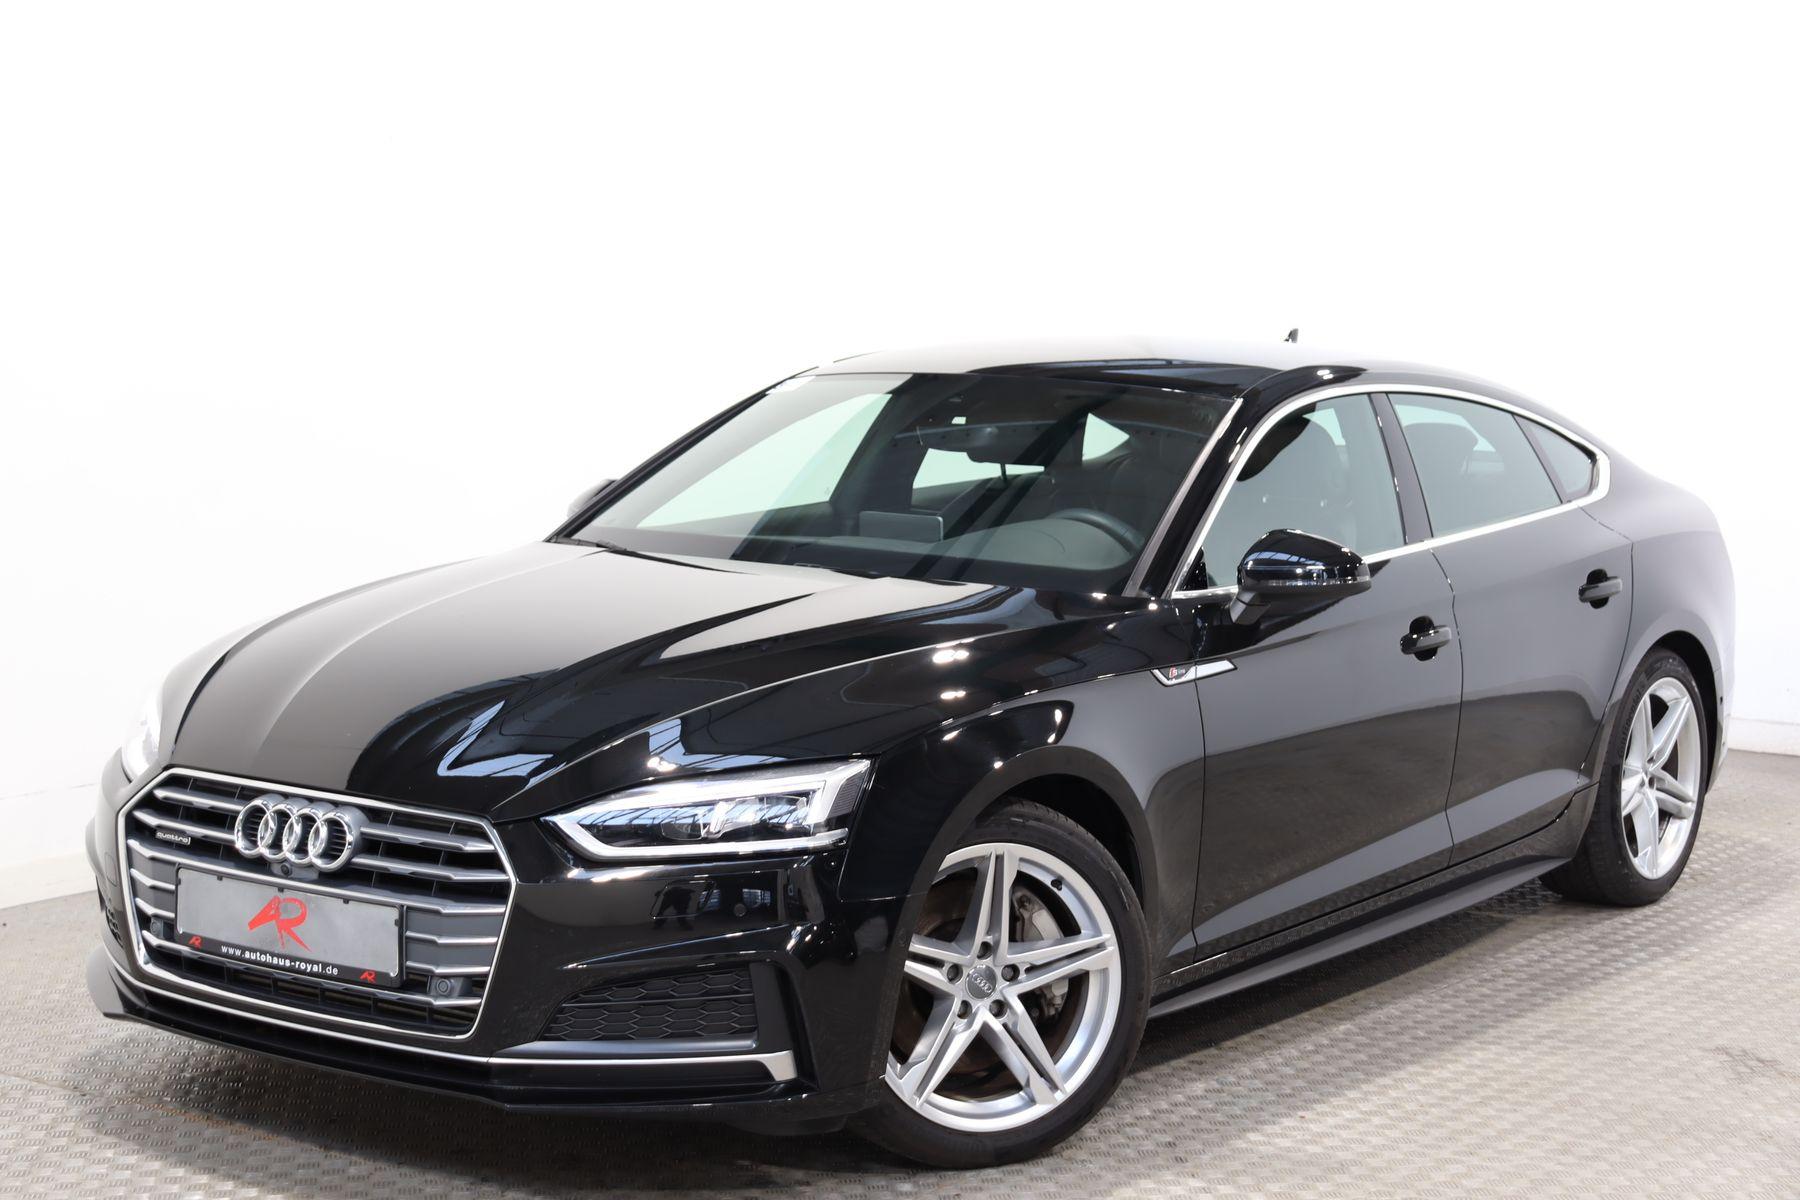 Audi A5 SB 2.0 TFSI qu 3x S LINE 360GRAD,PARKASSIST, Jahr 2018, Benzin